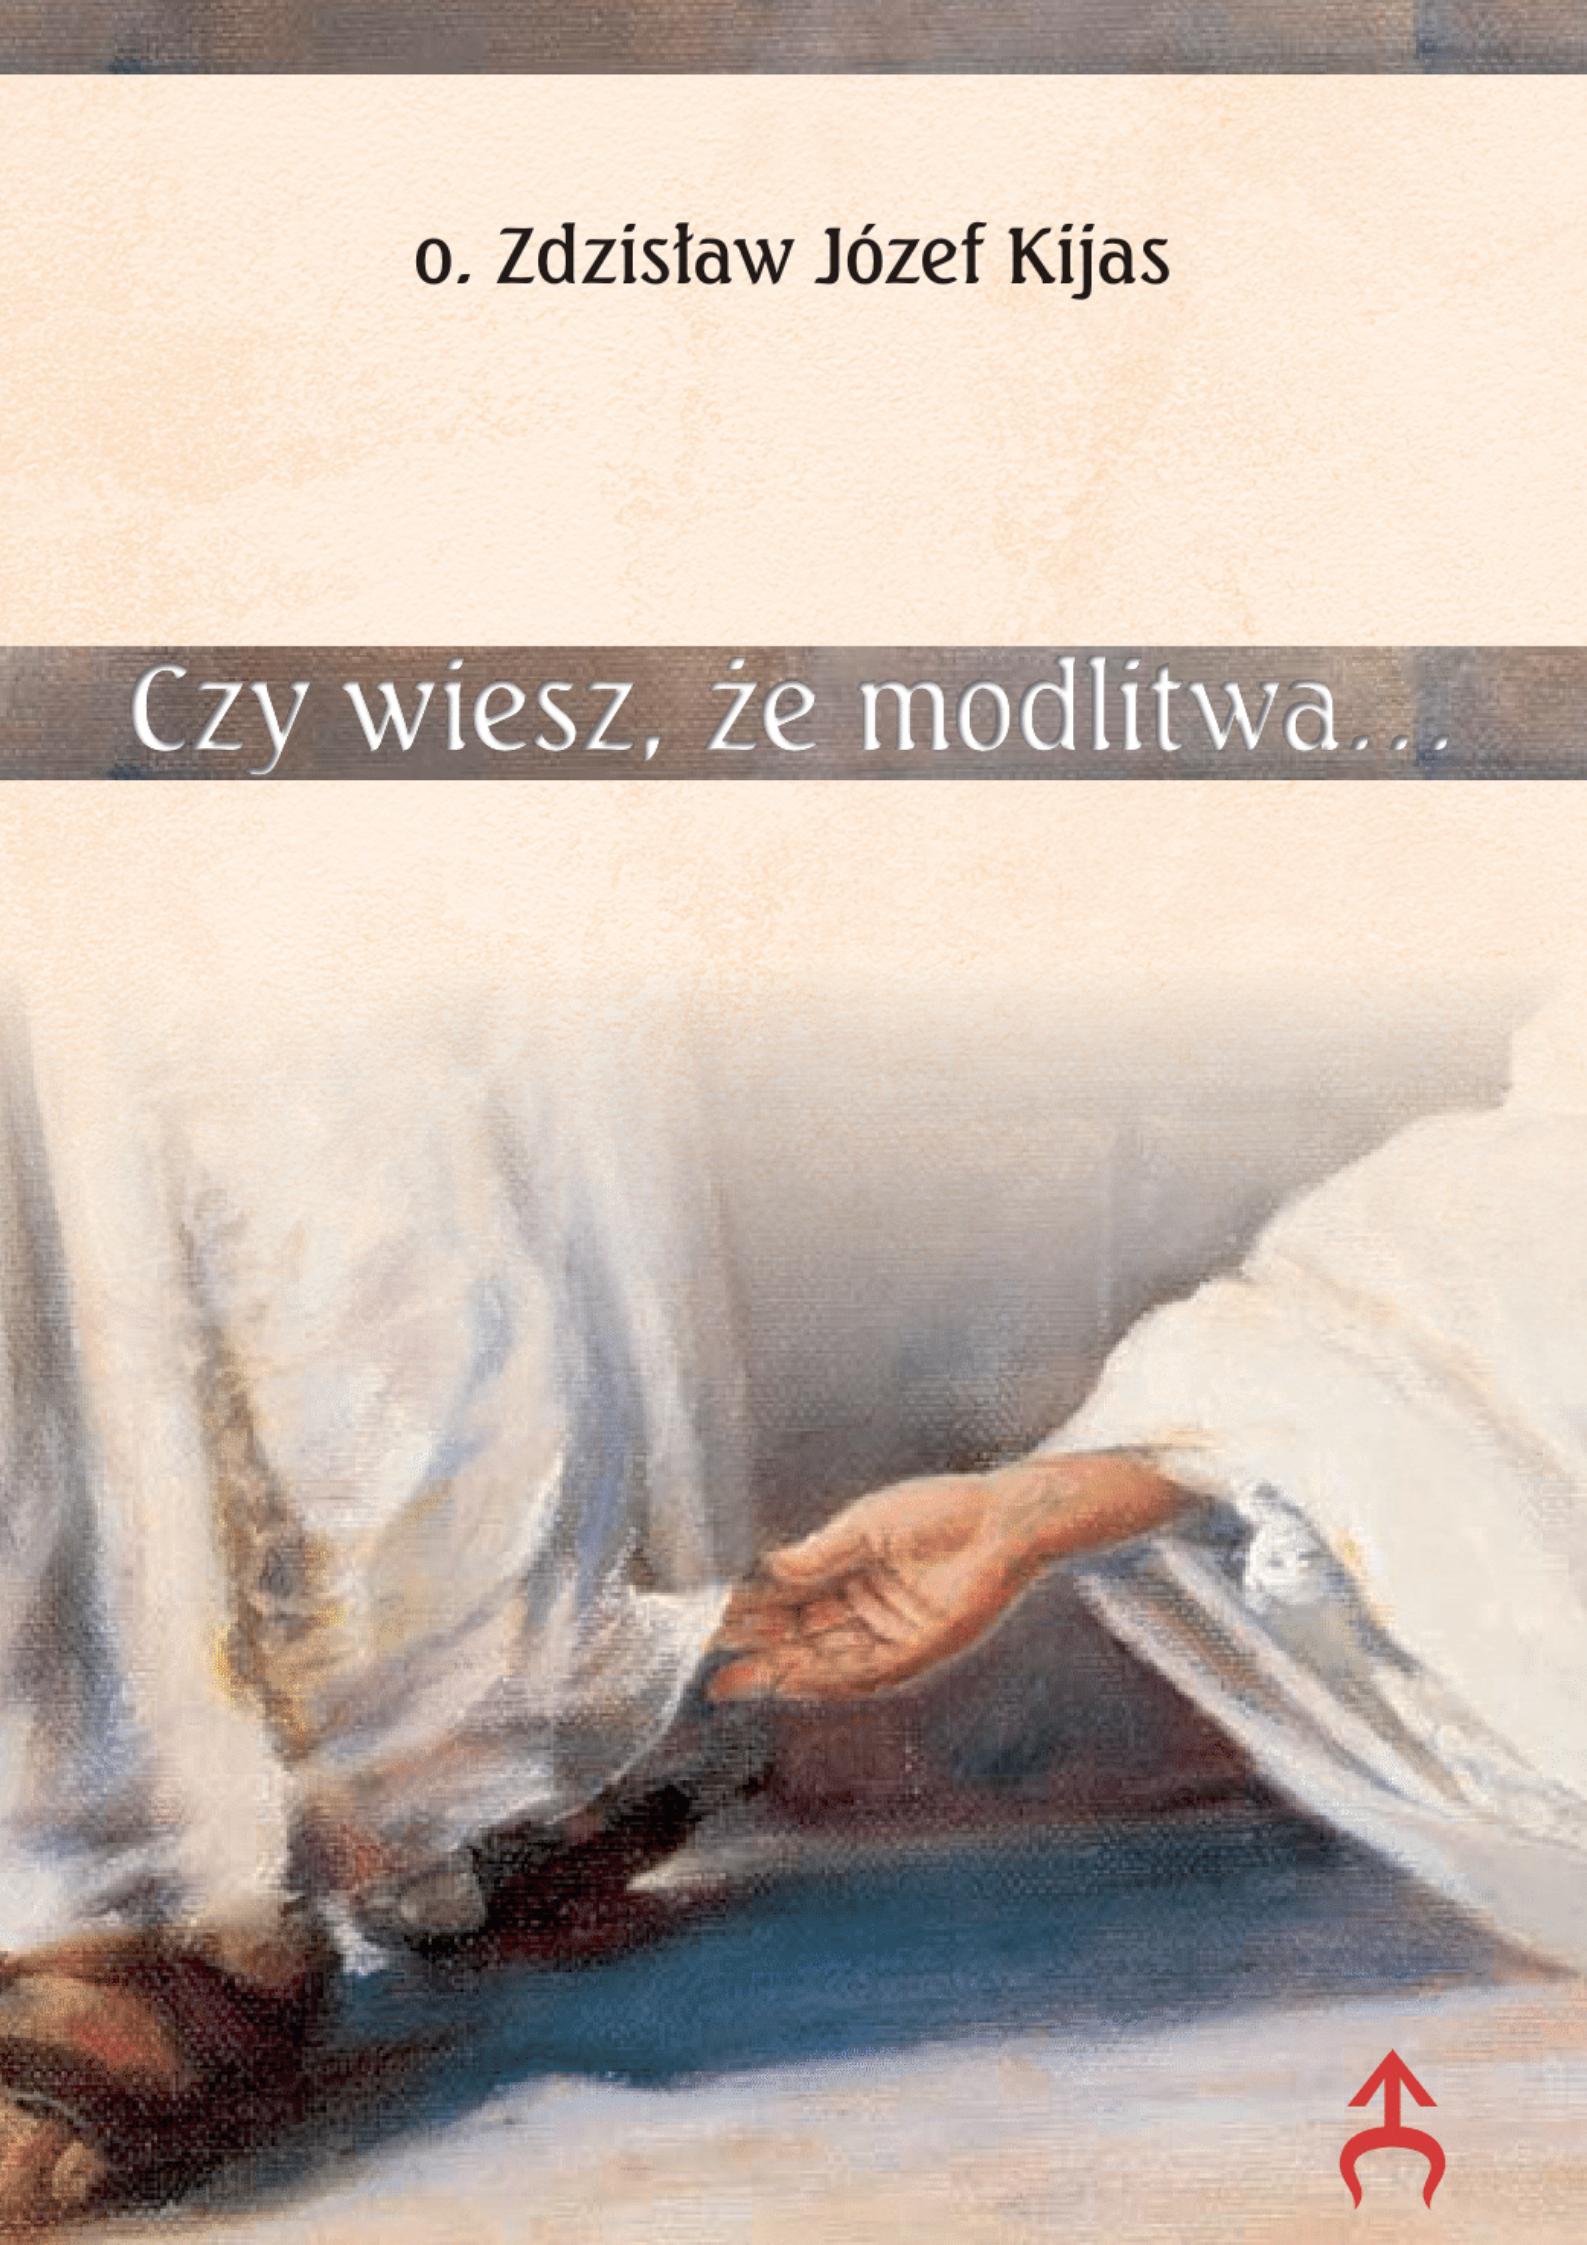 Czy wiesz, że modlitwa...